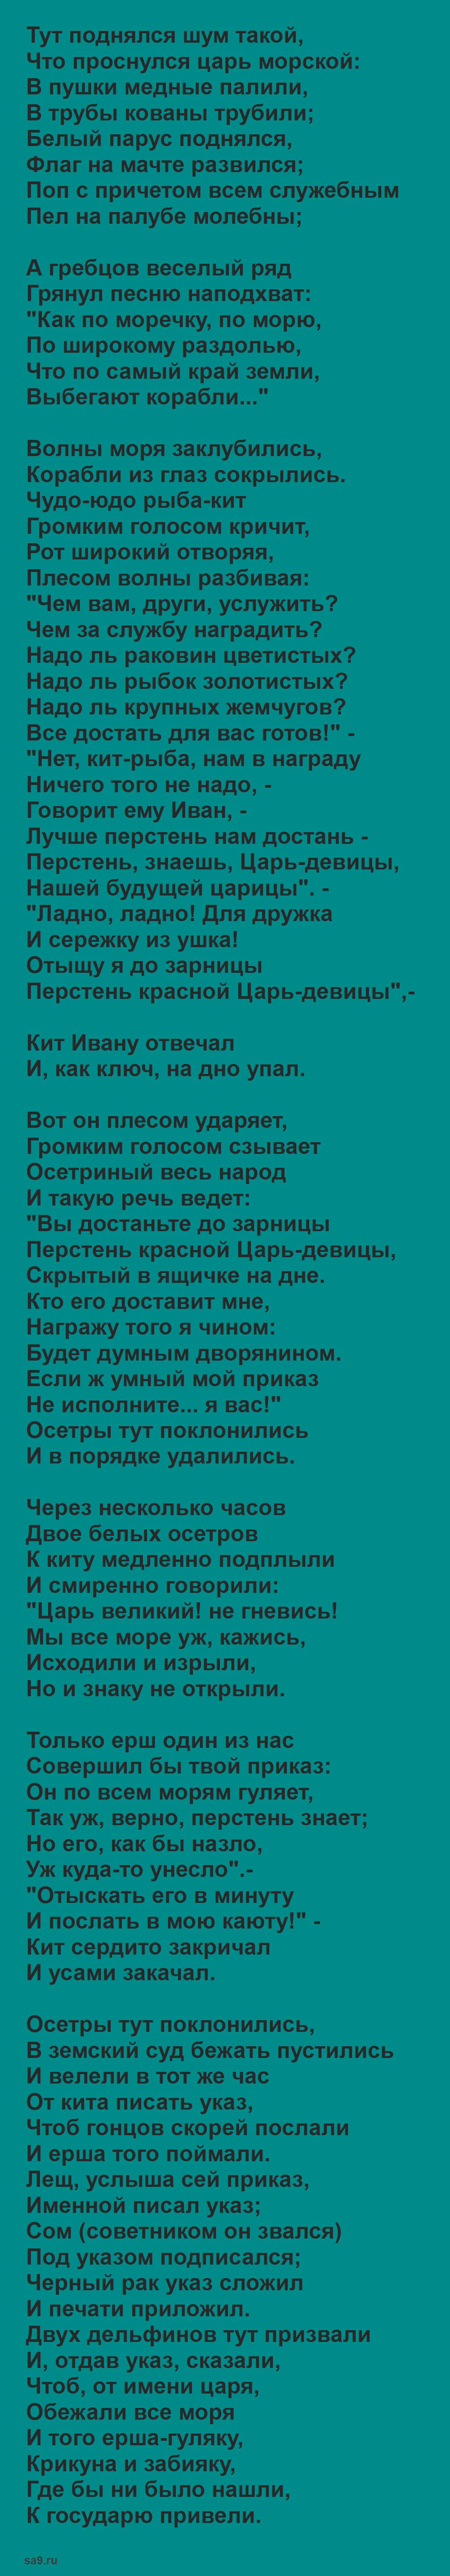 'Конек-Горбунок', читать сказку полностью